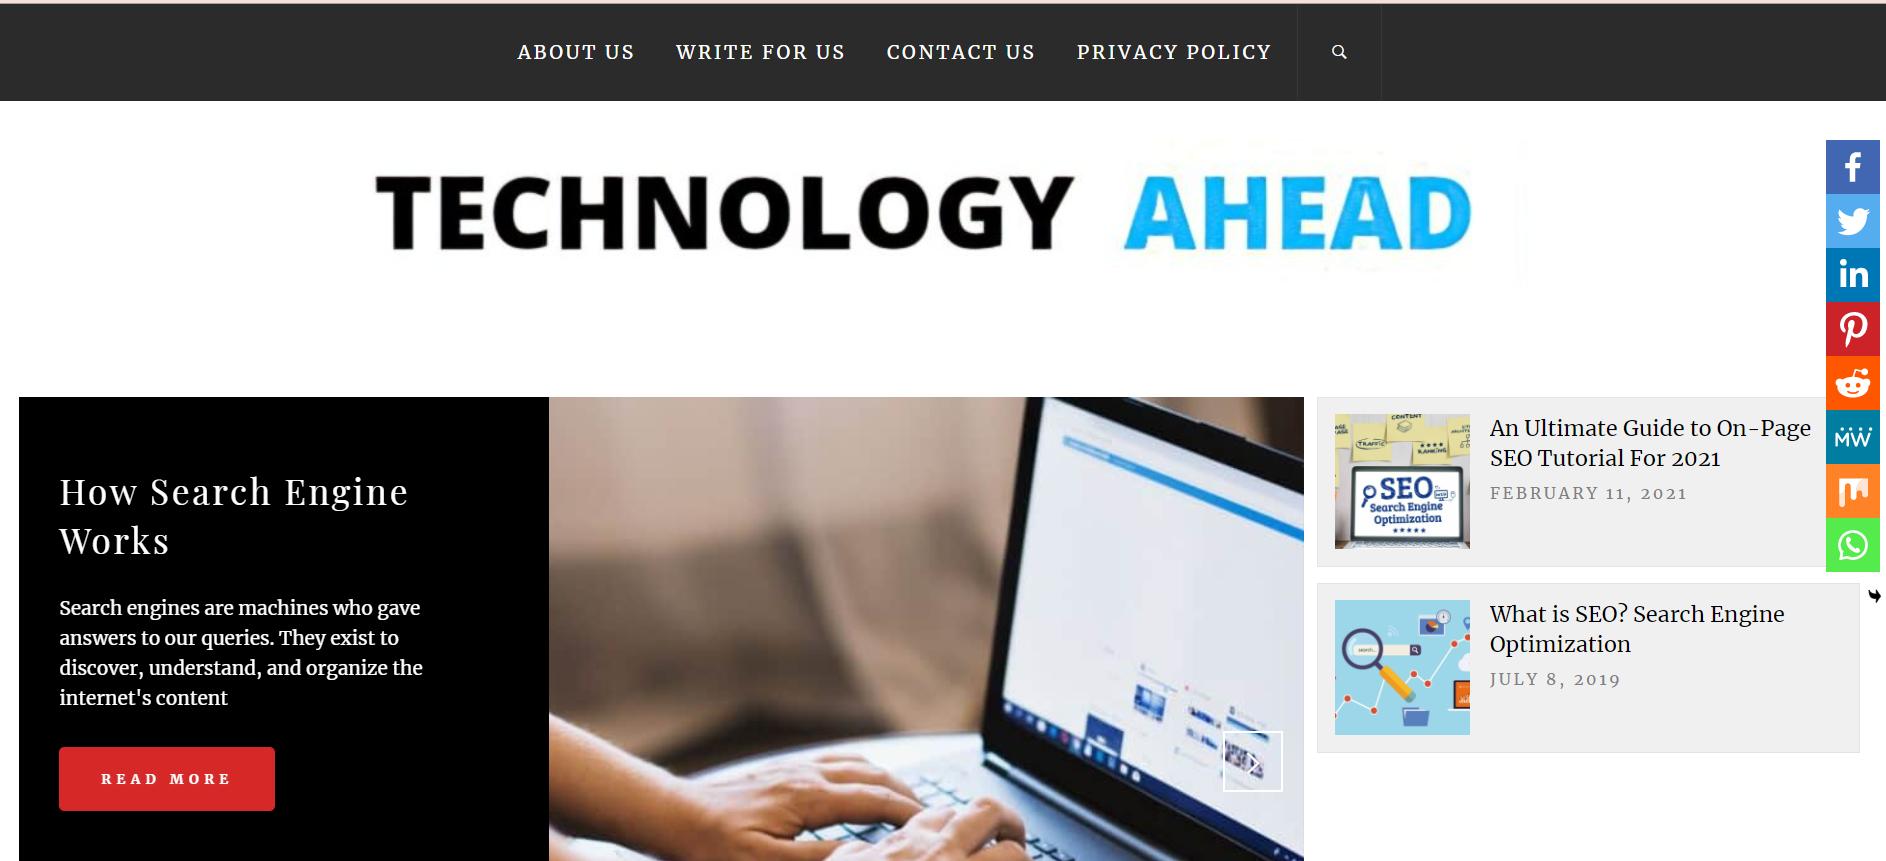 Technology Ahead